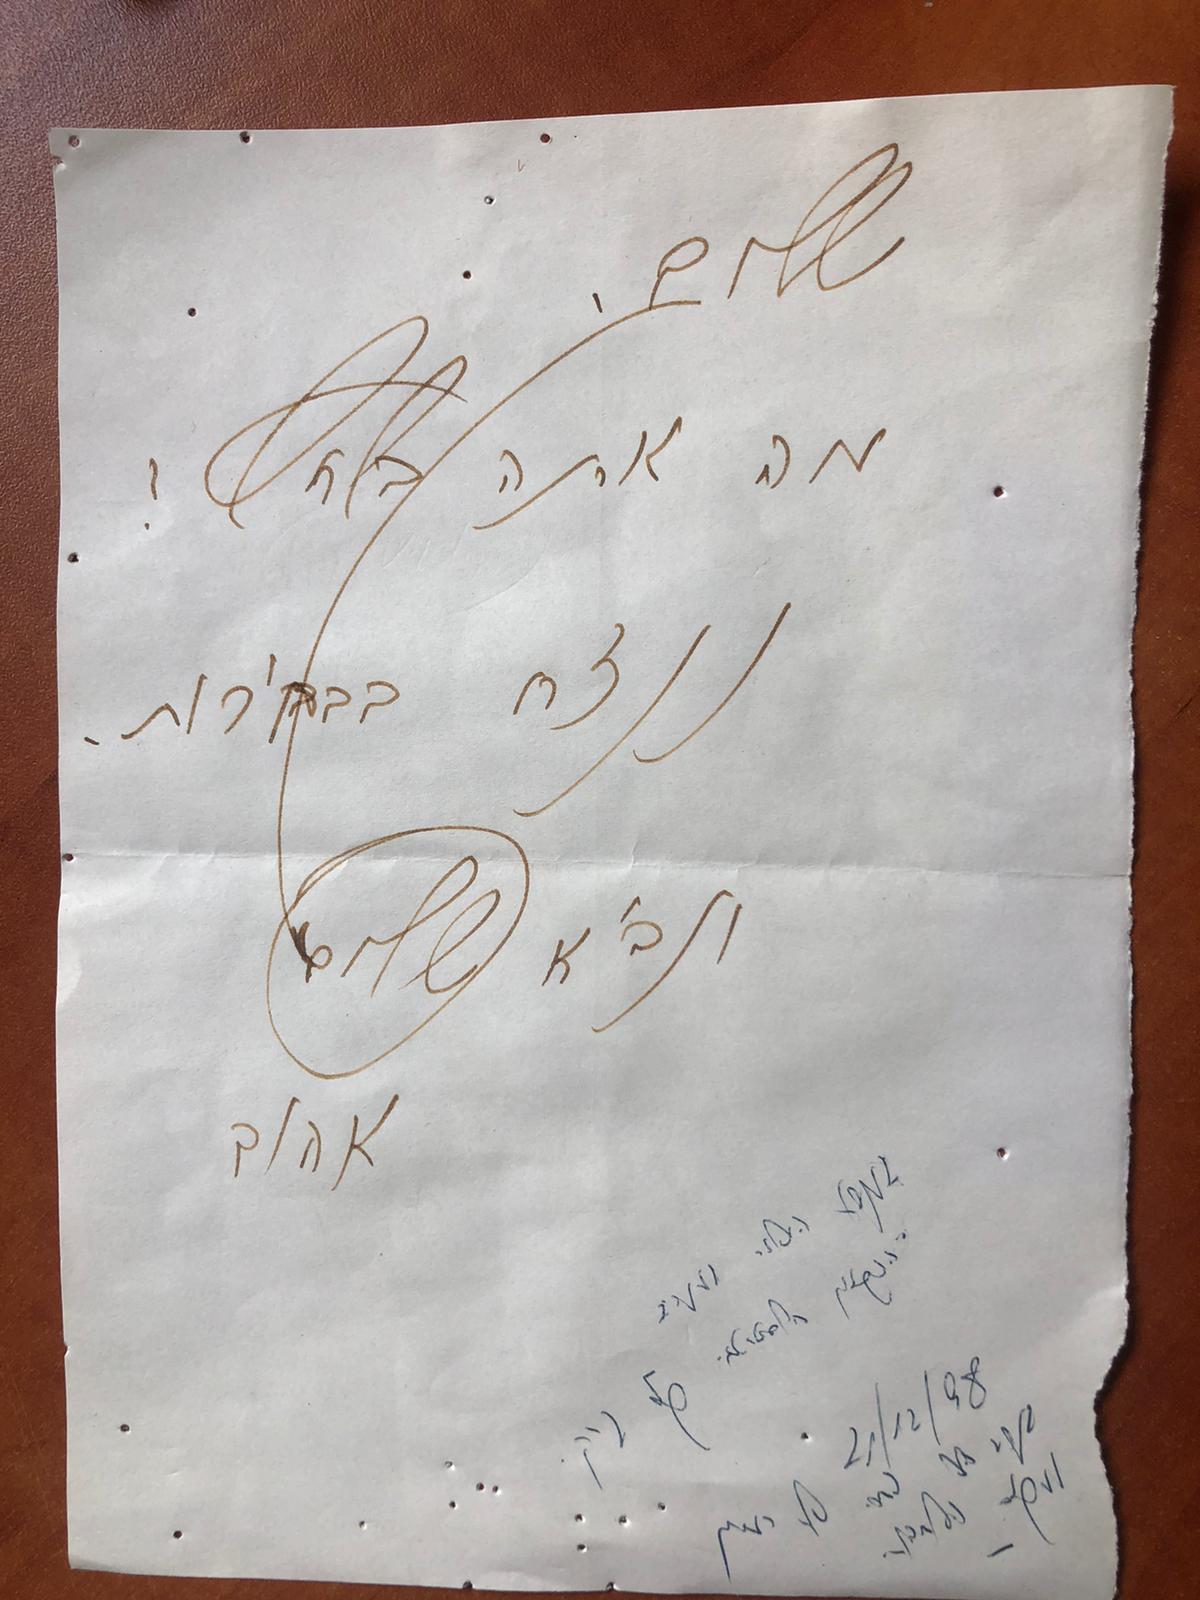 הפתק שאהוד ברק כתב לשלום ירושלמי בדצמבר 1998